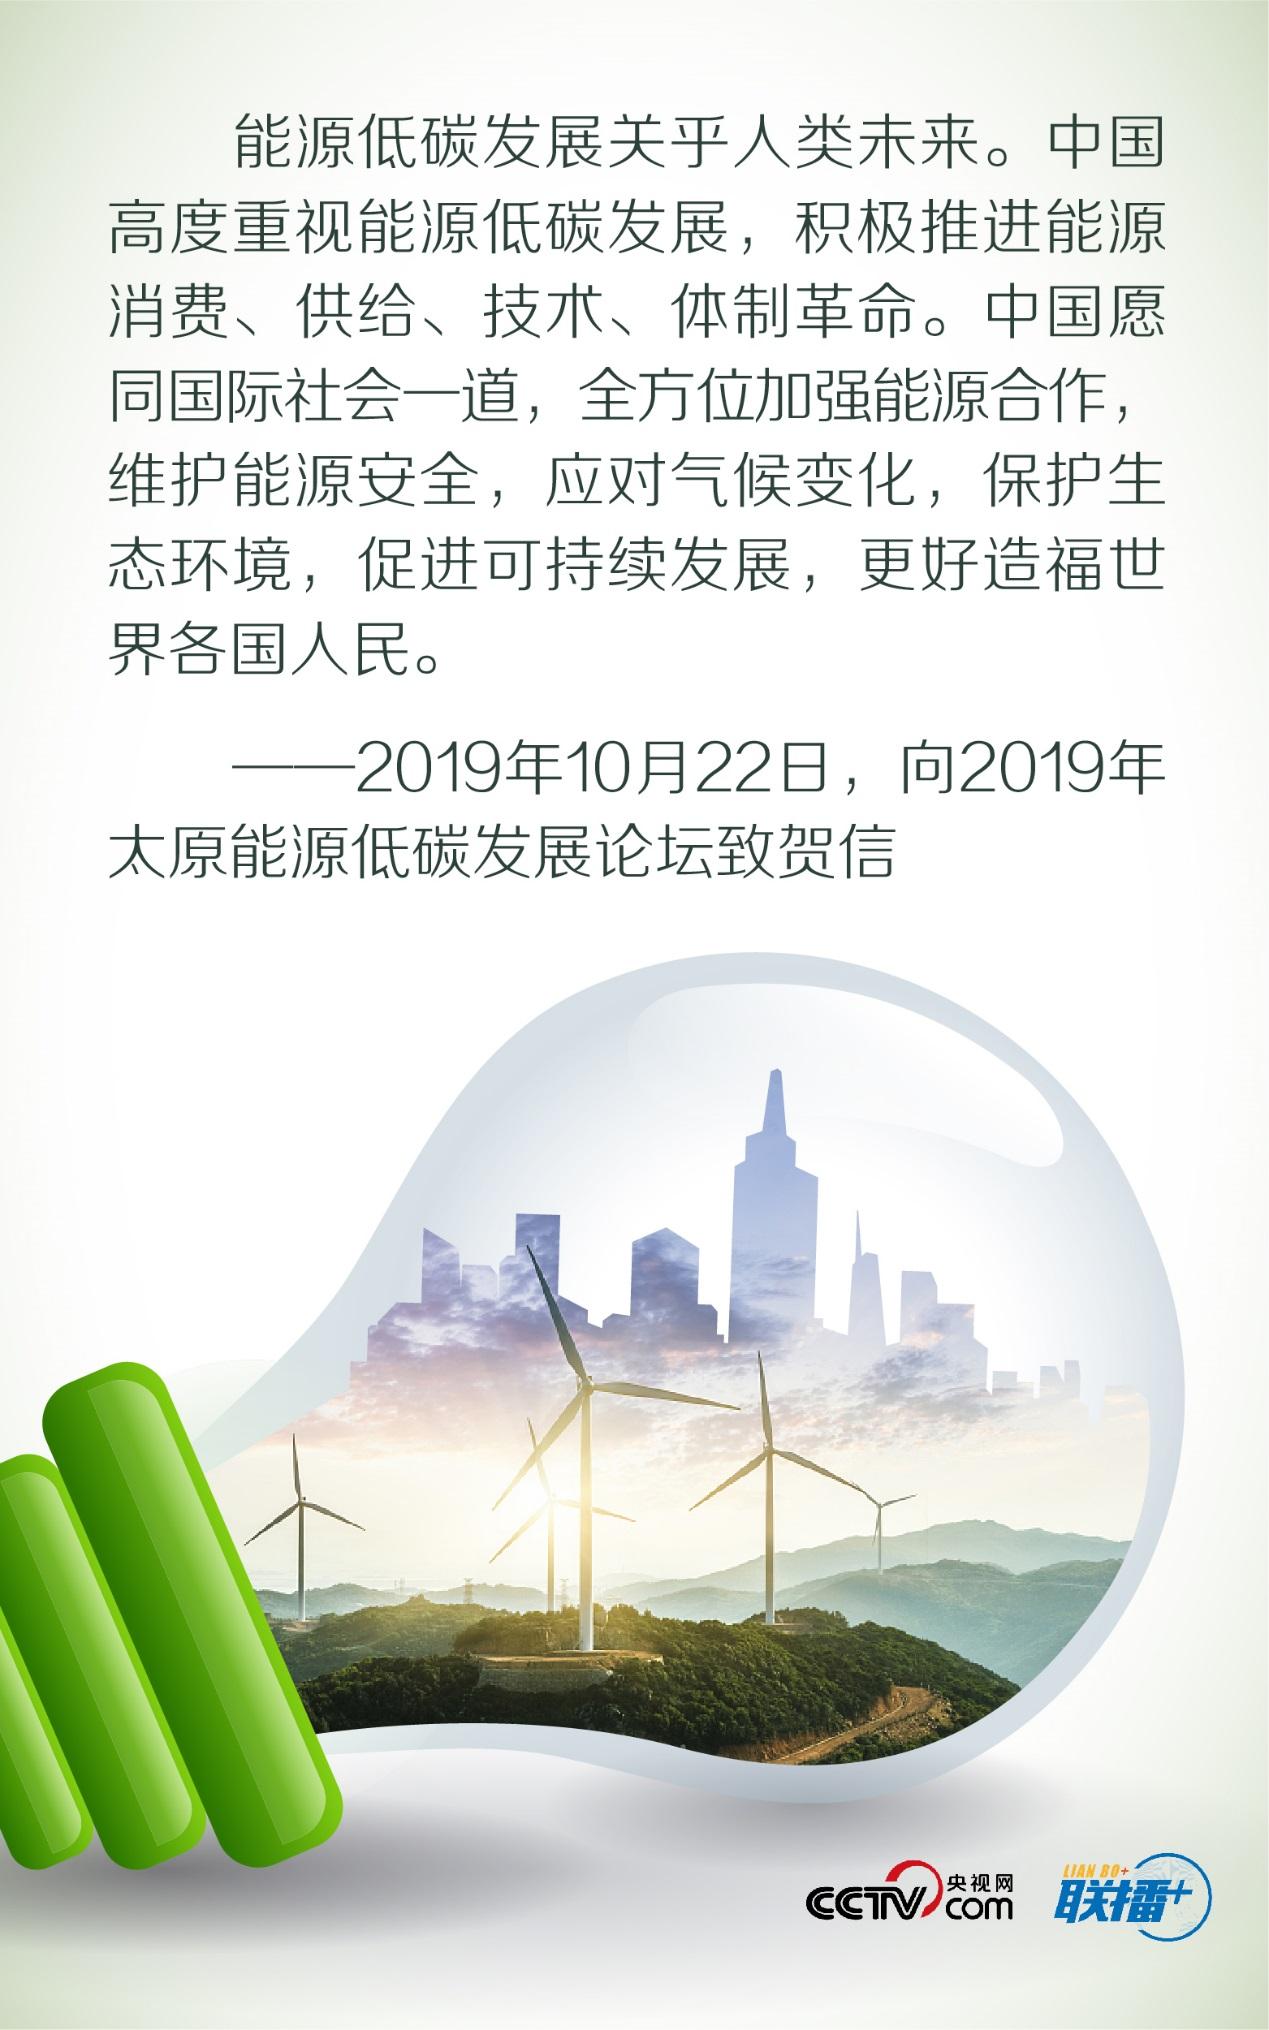 联播+丨习近平倡导的绿色低碳生活